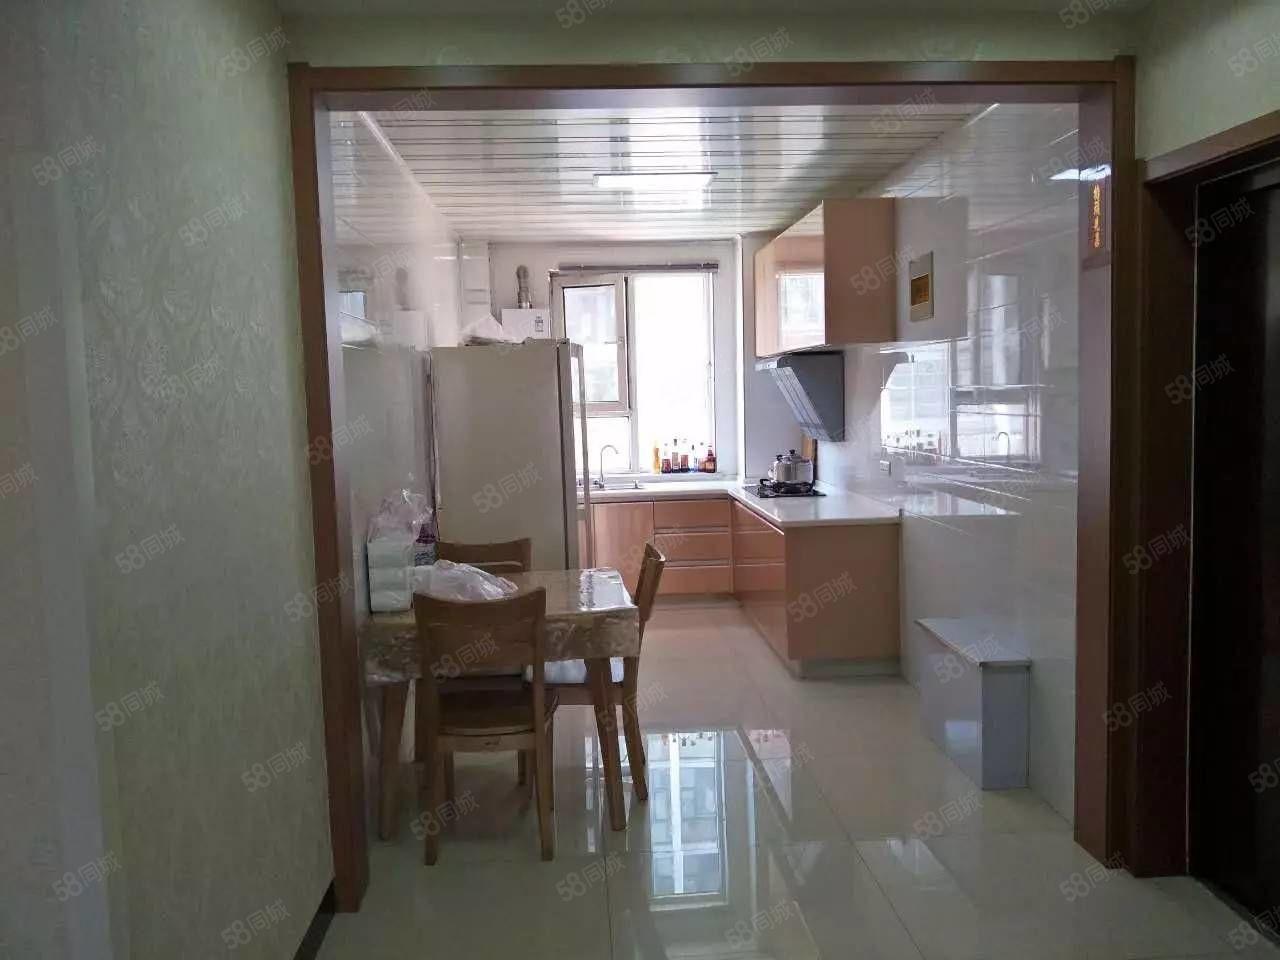 精装修带家具家电拎包入住干净舒适电梯房